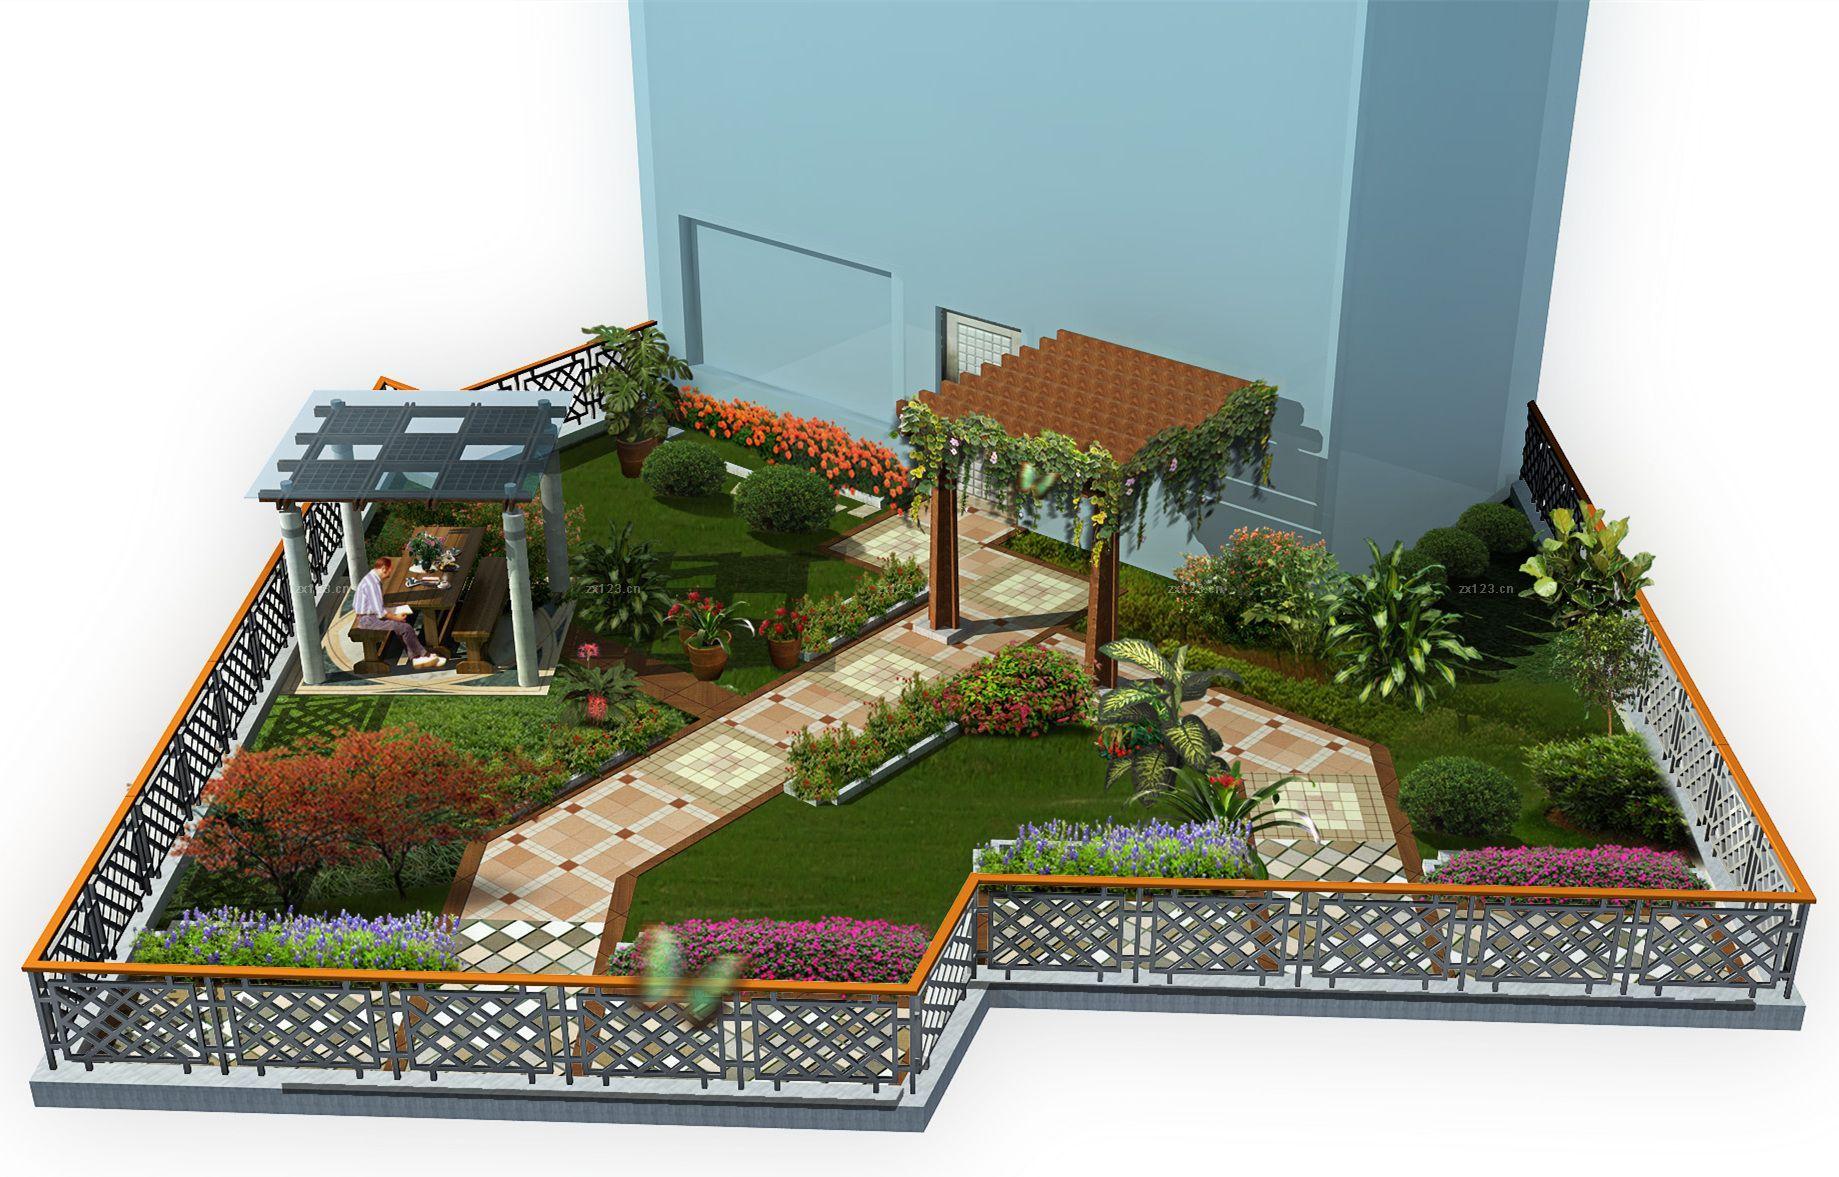 楼顶平面图_屋顶花园平面设计图-楼顶花园设计实景图 屋顶花园平面效果图 ...